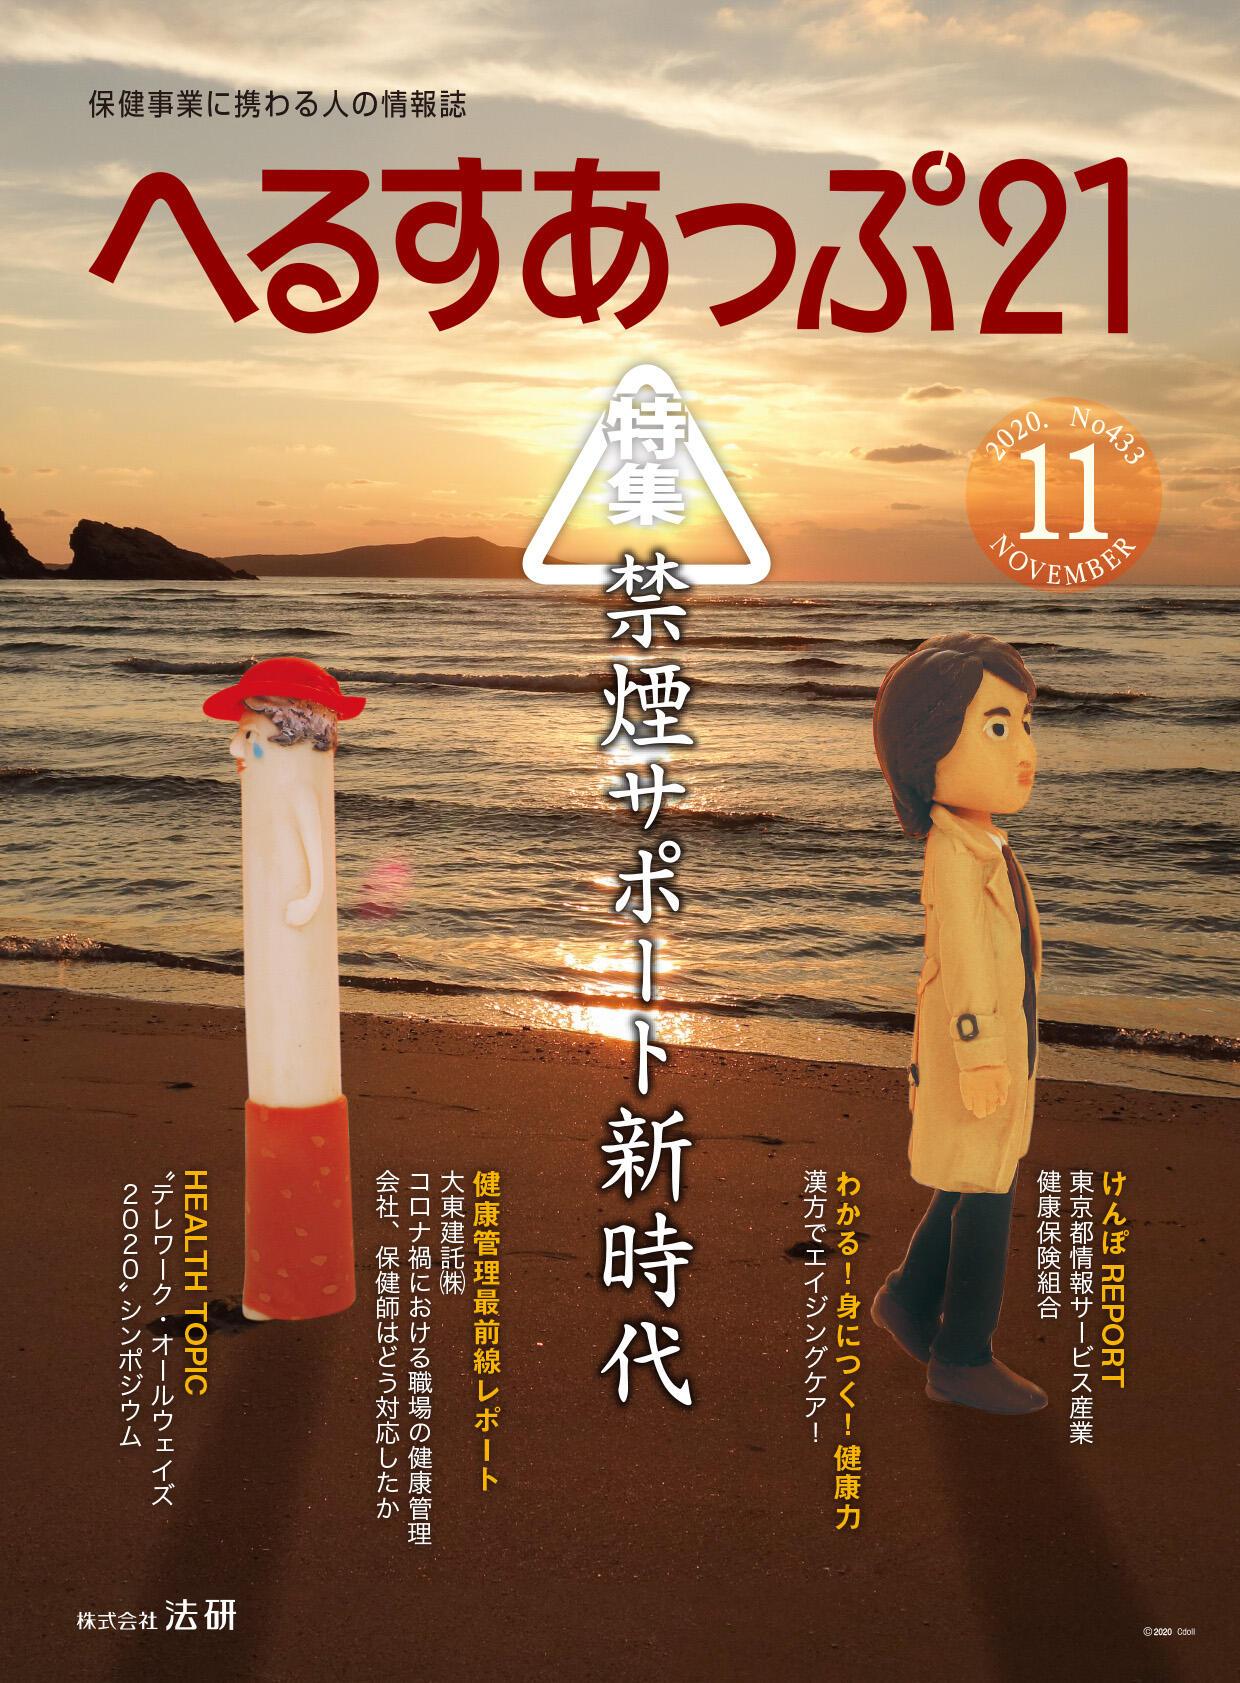 「禁煙サポート新時代」へるすあっぷ21 11月号